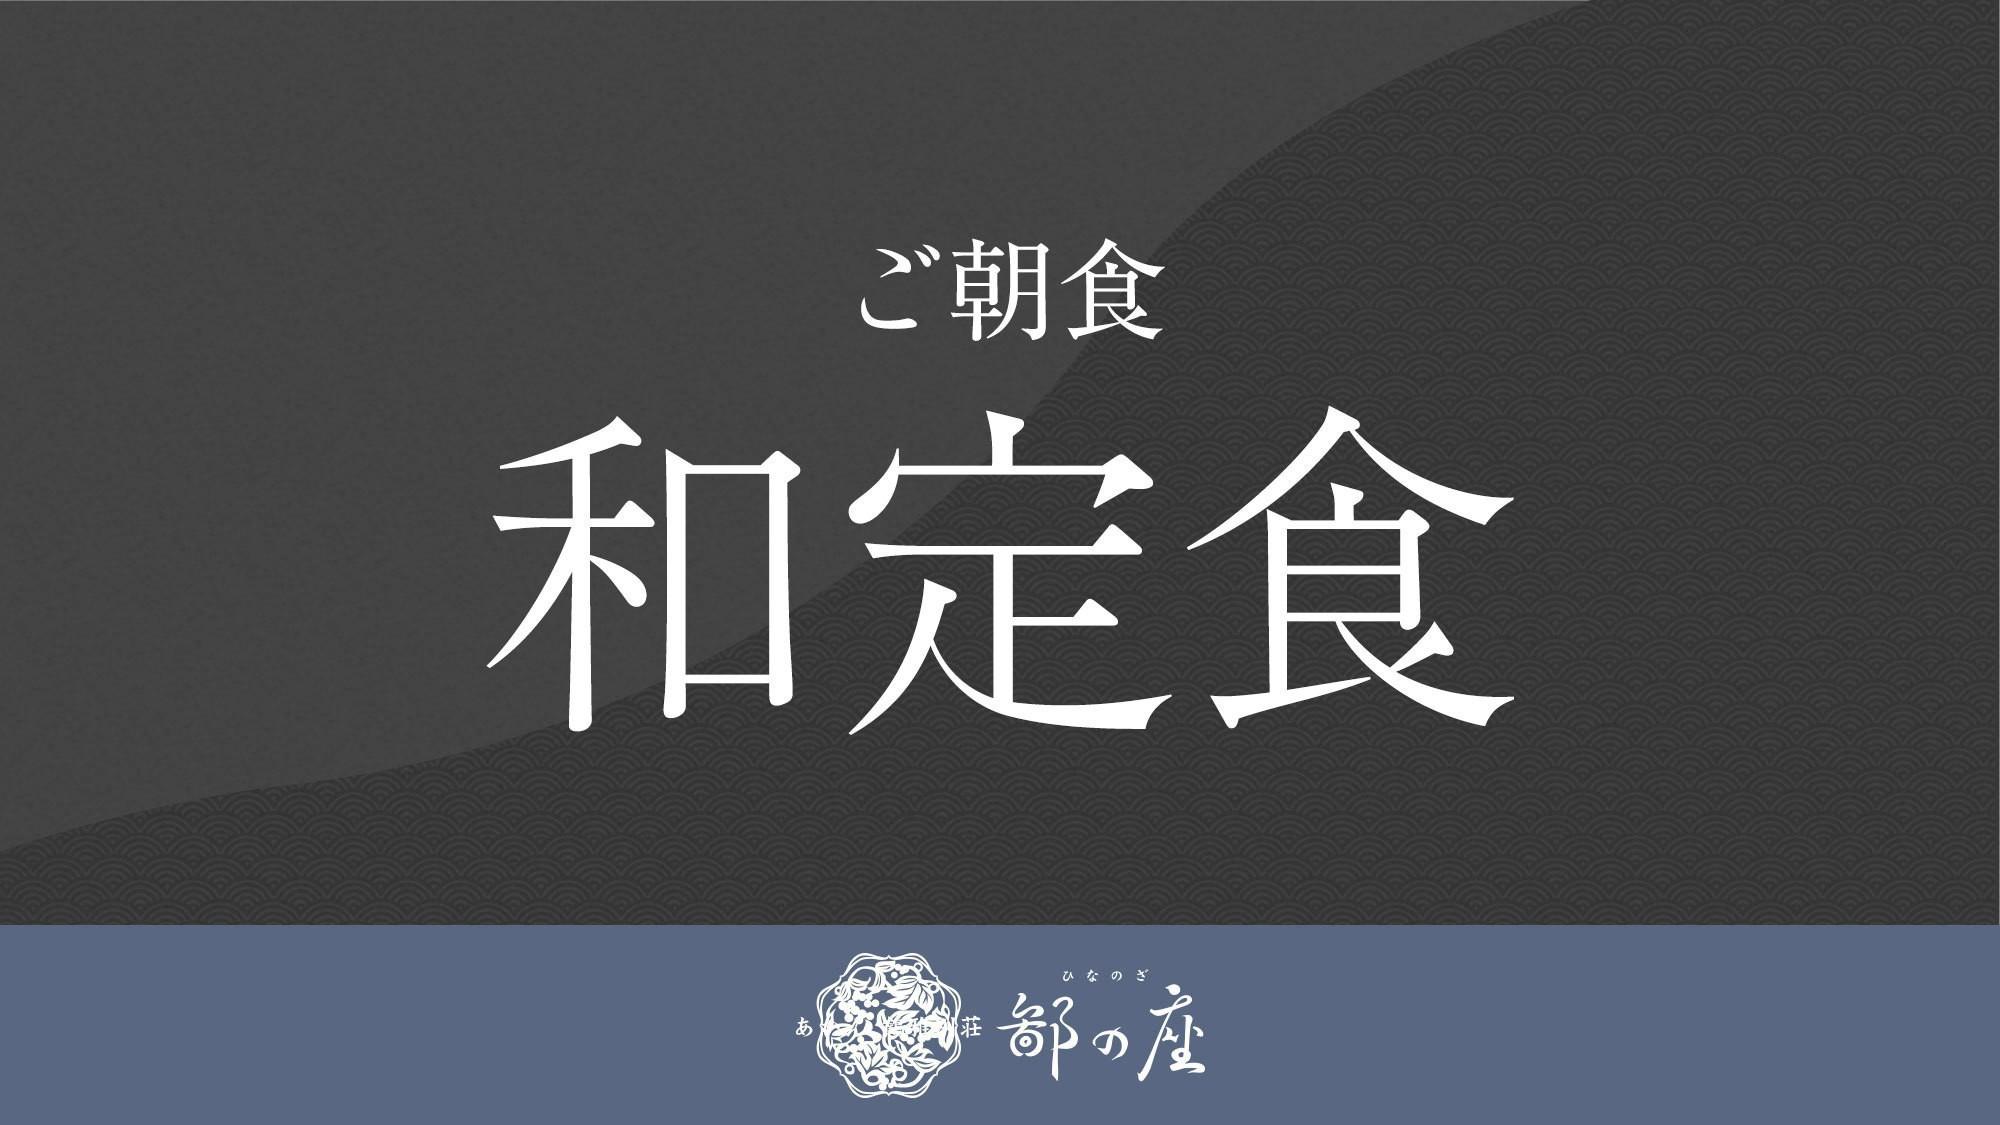 【ご朝食/和定食】旬素材をふんだんに使い、和のこころを大切にした日本の朝ごはんをご提供します